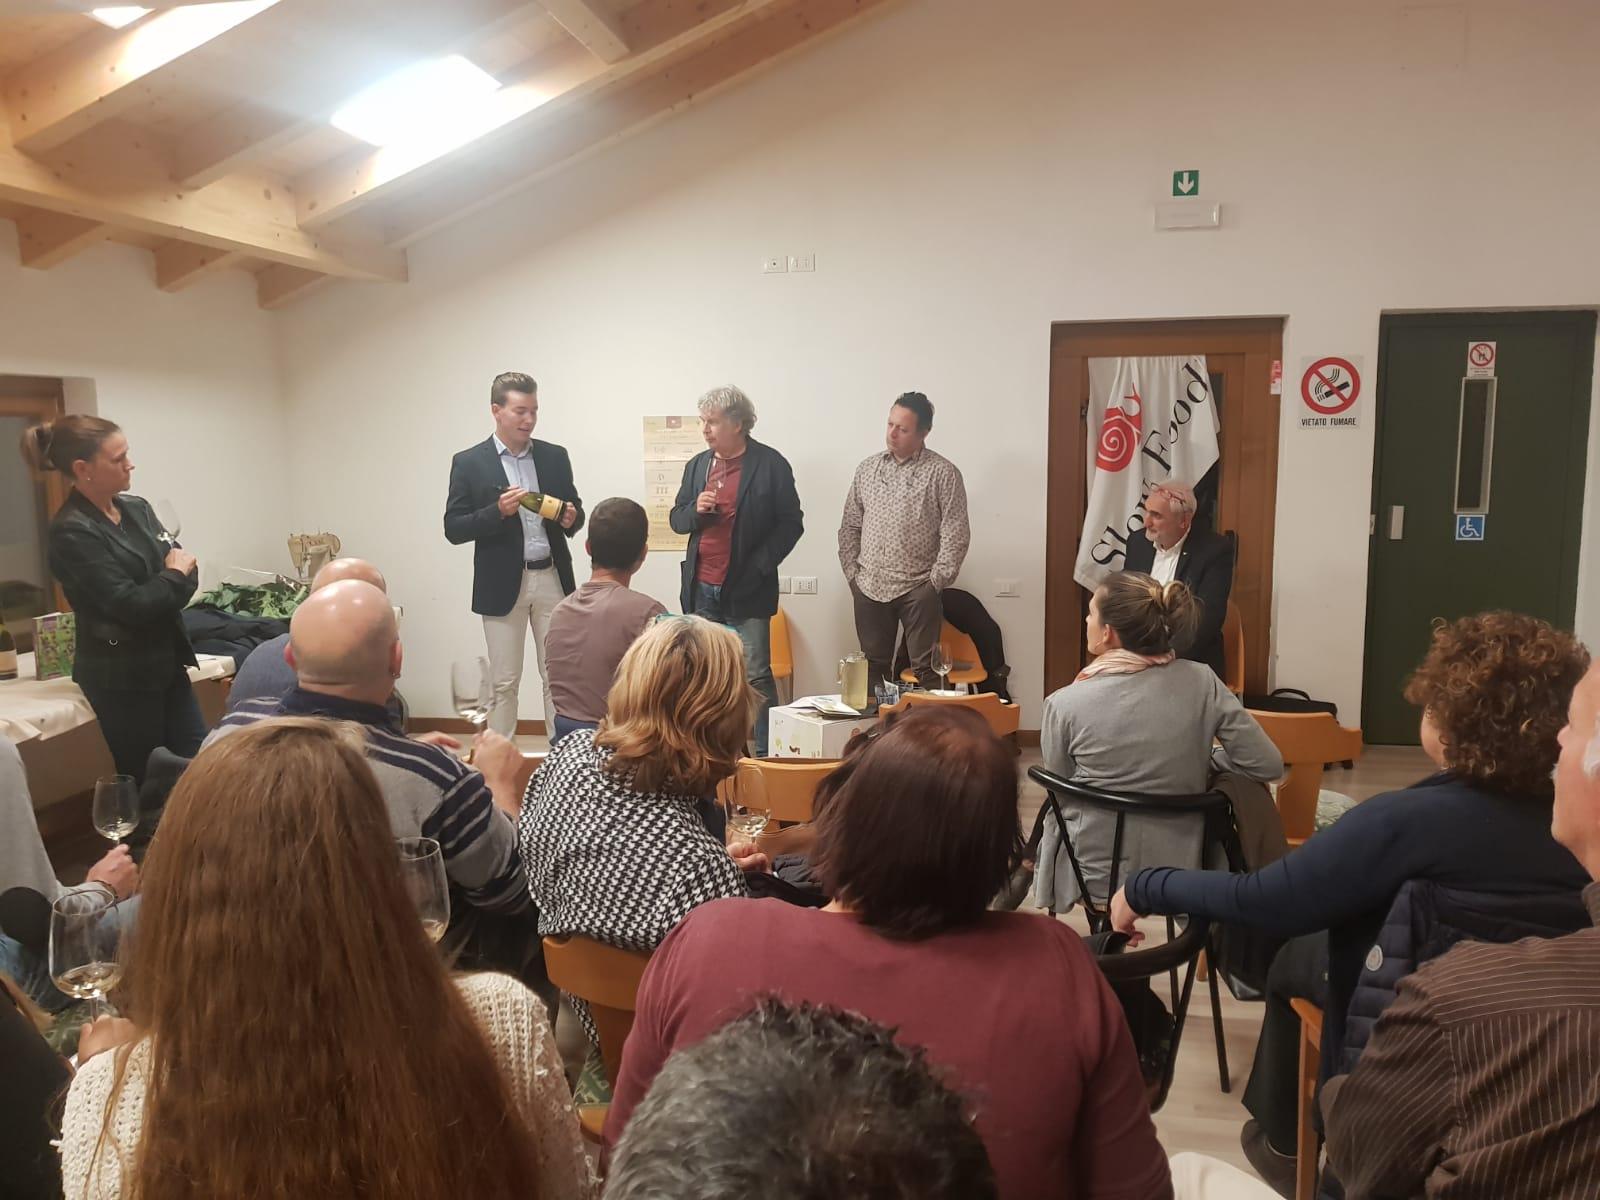 L'incontro precedente svoltosi al Mas del Gnac ad Isera